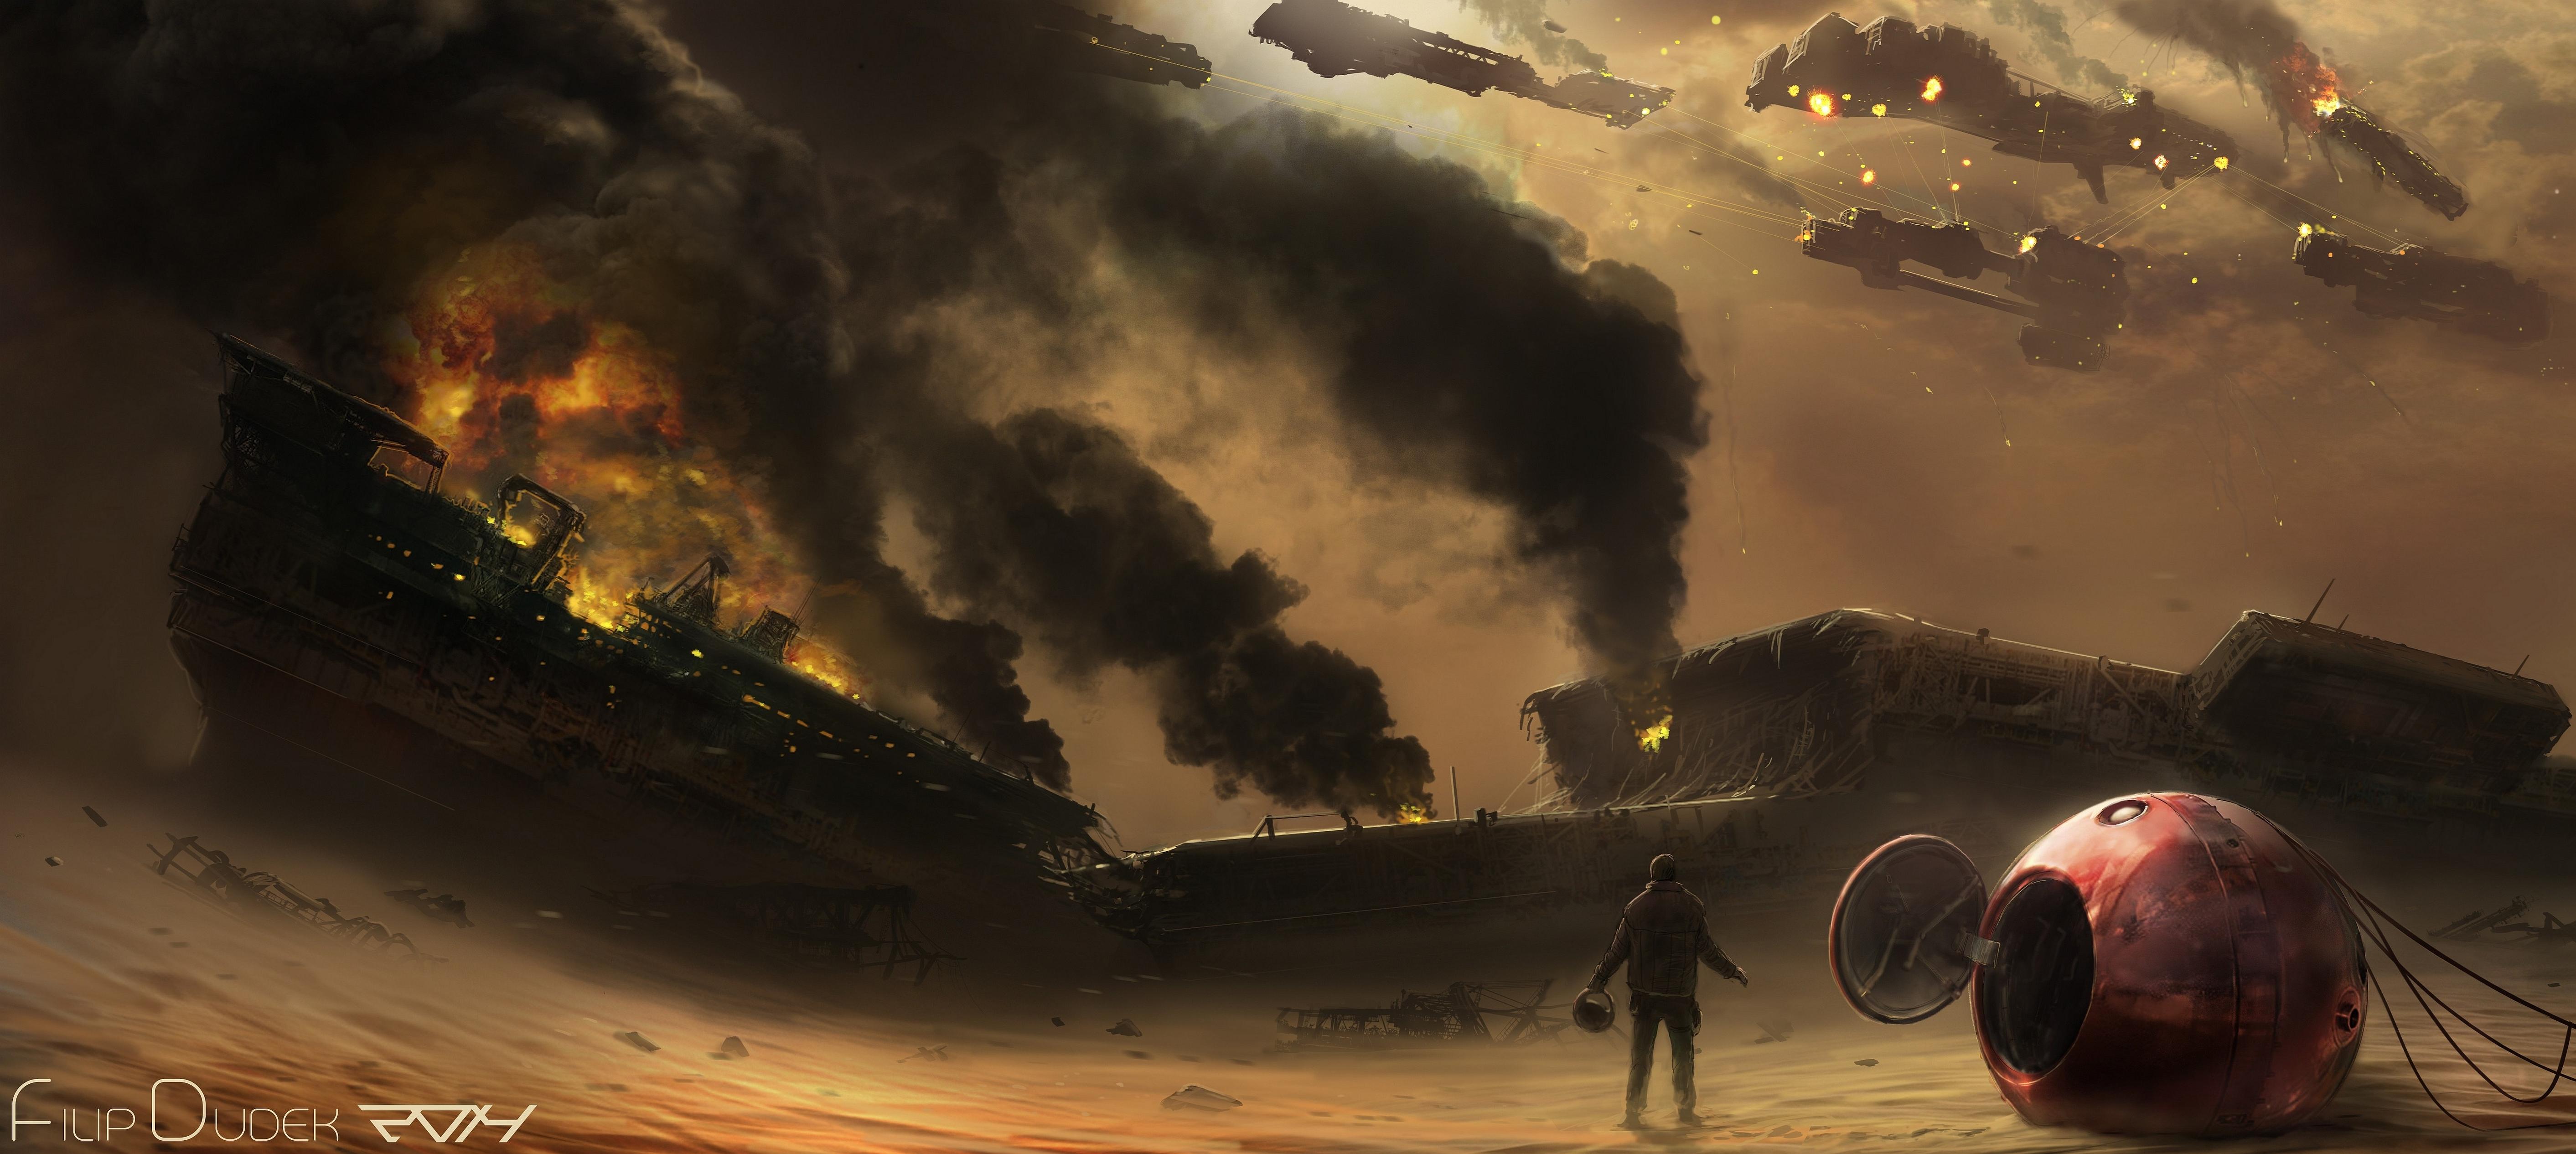 Sci Fi War Battle Ships HD Wallpaper | Stylish HD ...